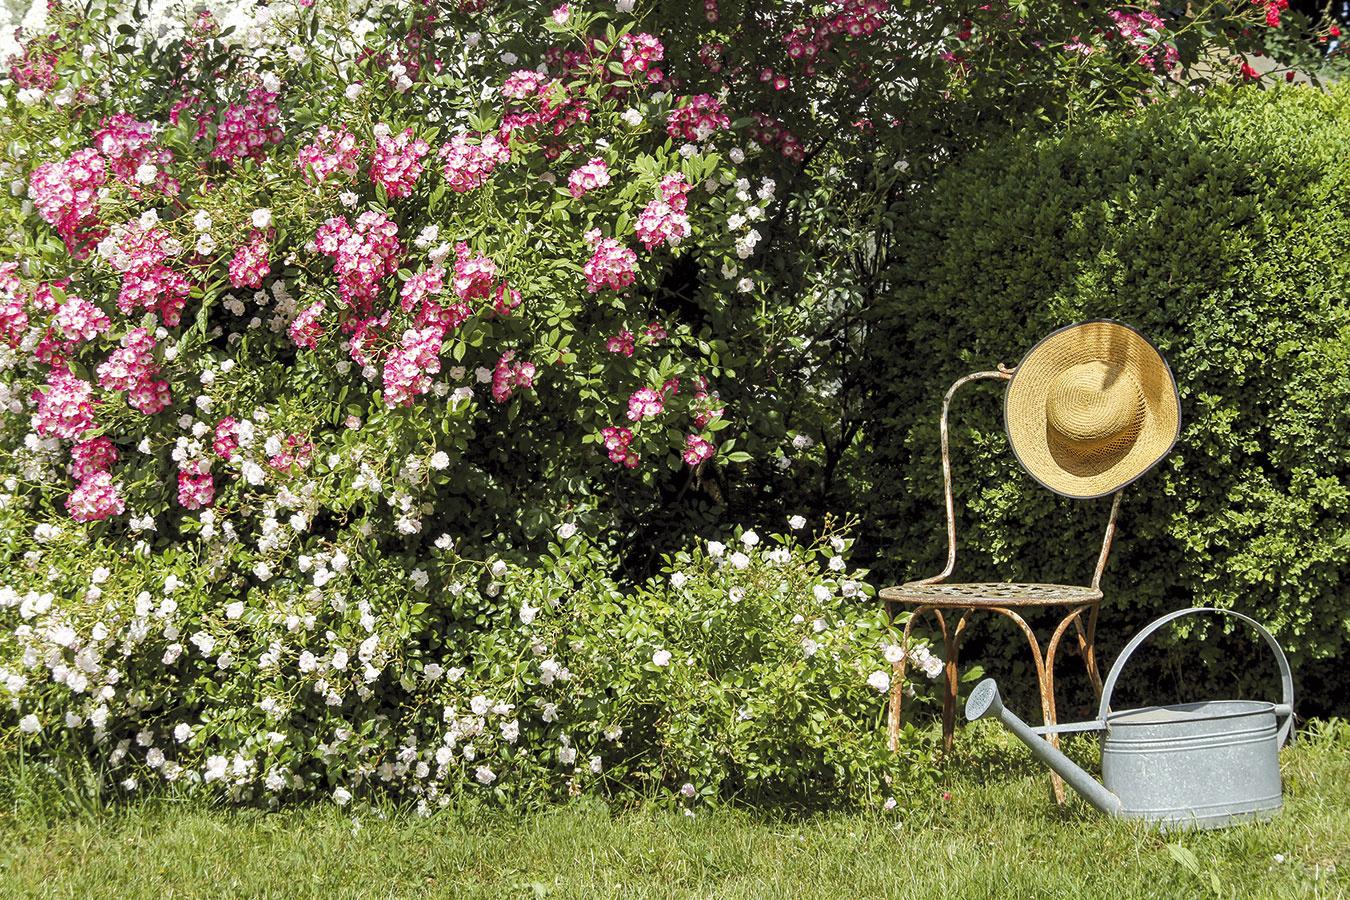 Na tvorbu nepreniknuteľných zákutí sú vhodné aj sadové ruže, ktoré okrem kvetov na jeseň prekvapia i liečivými plodmi.